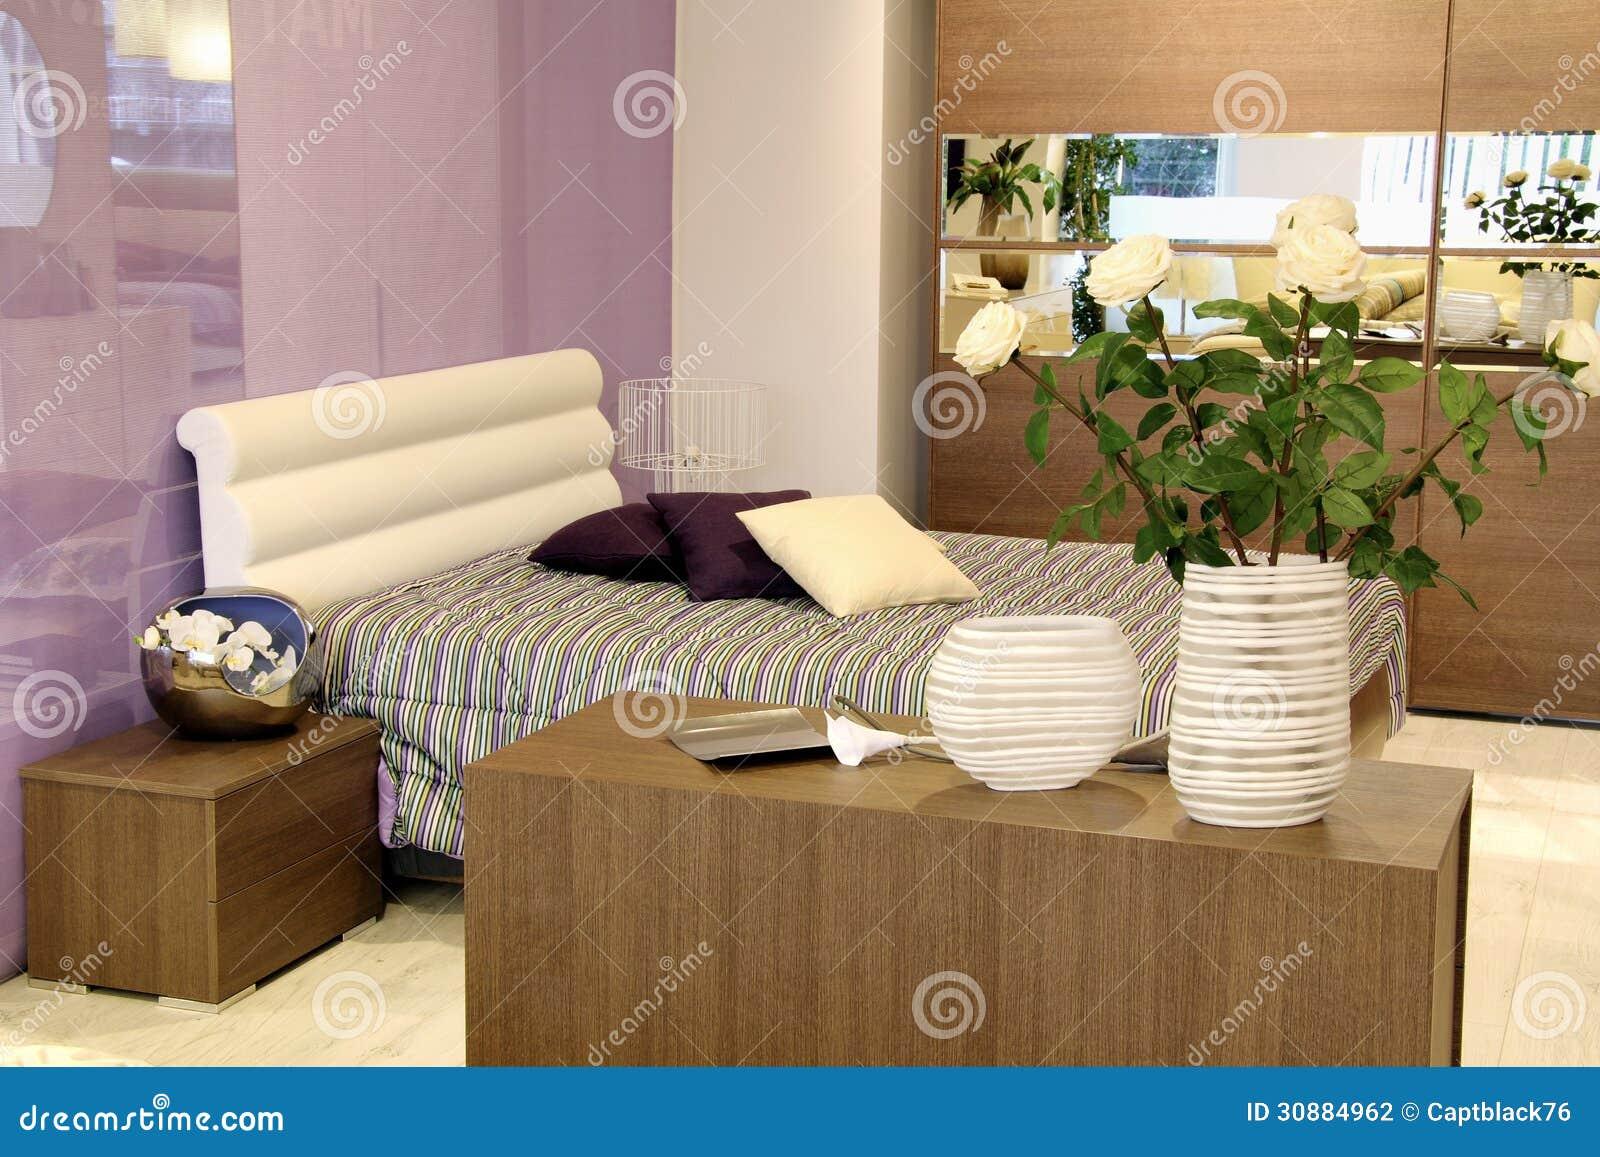 Moderne Slaapkamer Stoel : Modieus purper en wit bed in moderne ...